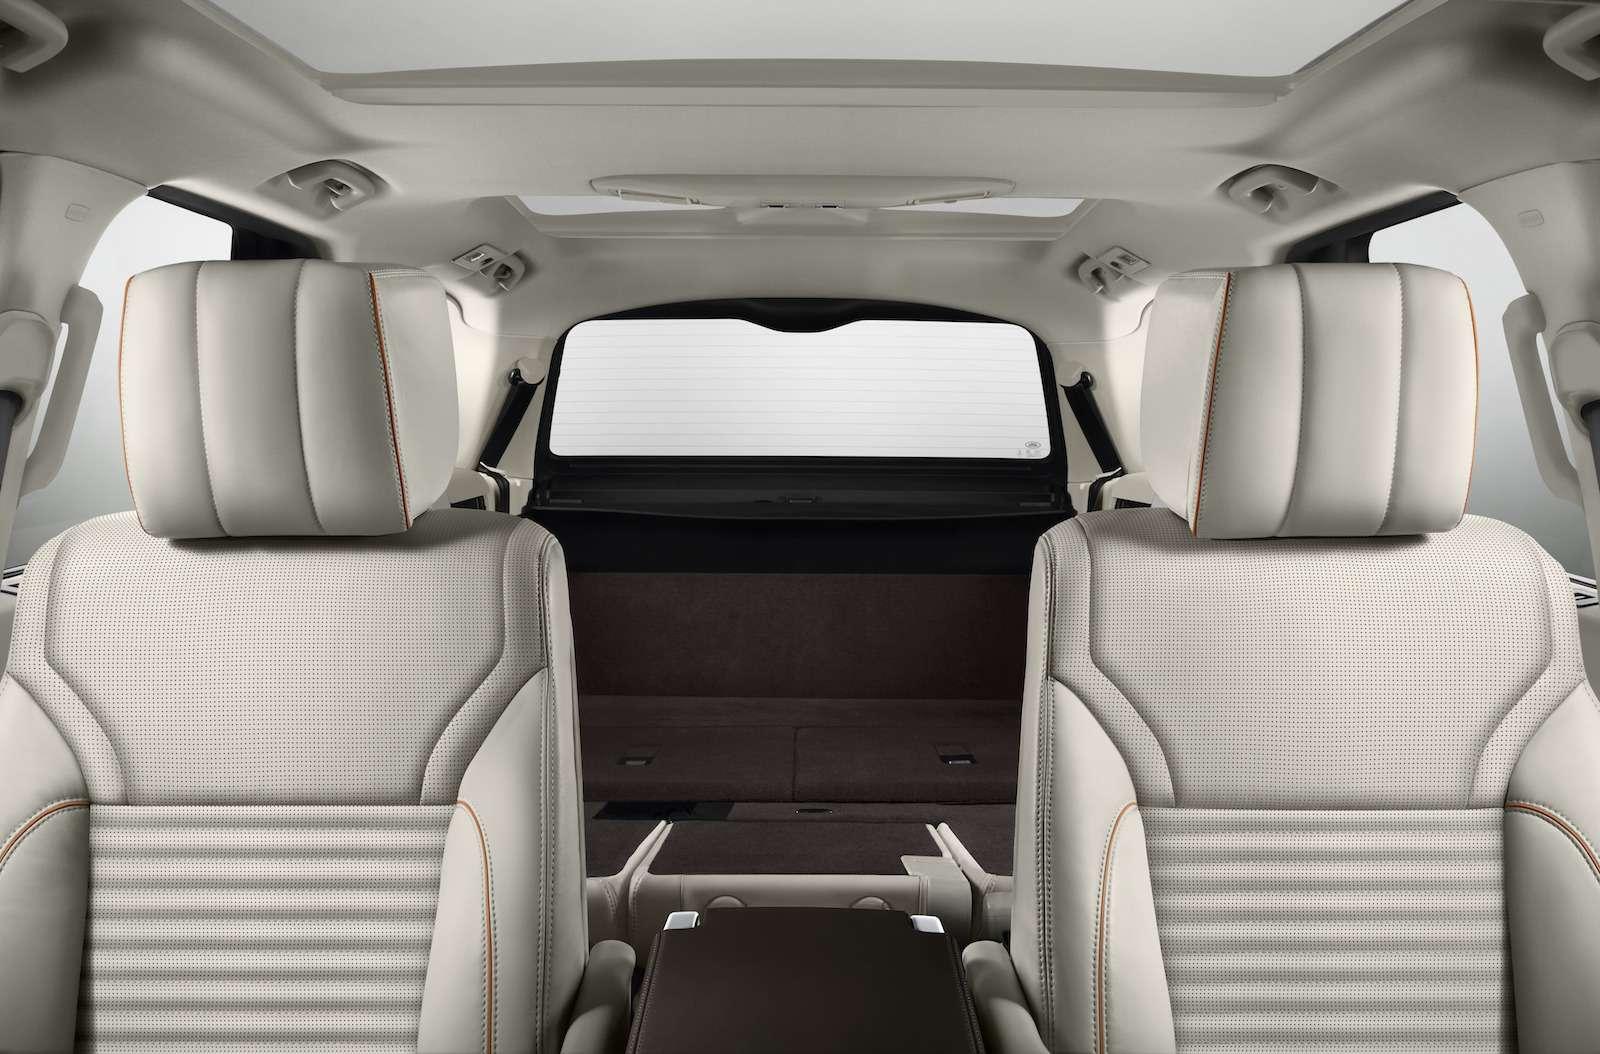 Диско уже небудет прежним: объявлены цены нового Land Rover Discovery— фото 676027